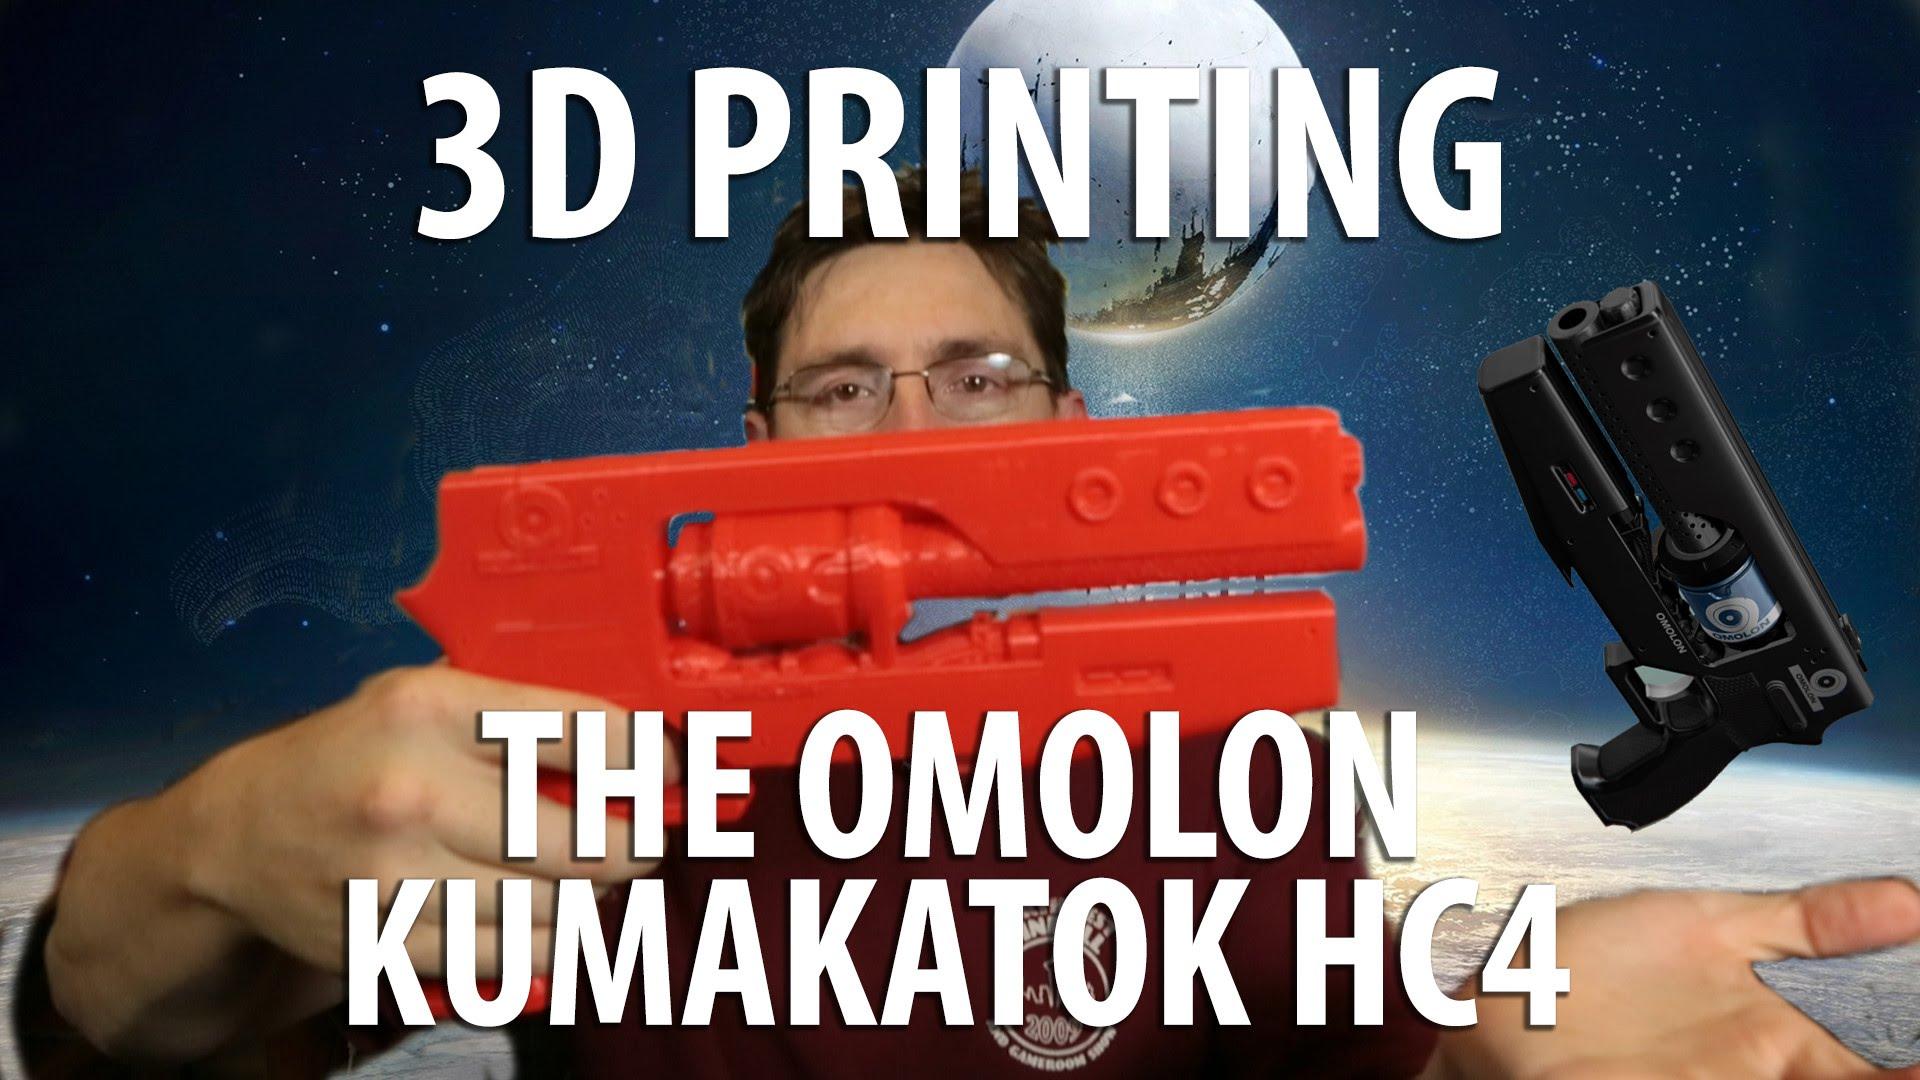 Assembling a 3D Printed Gun – Omolon Kumakatok HC4